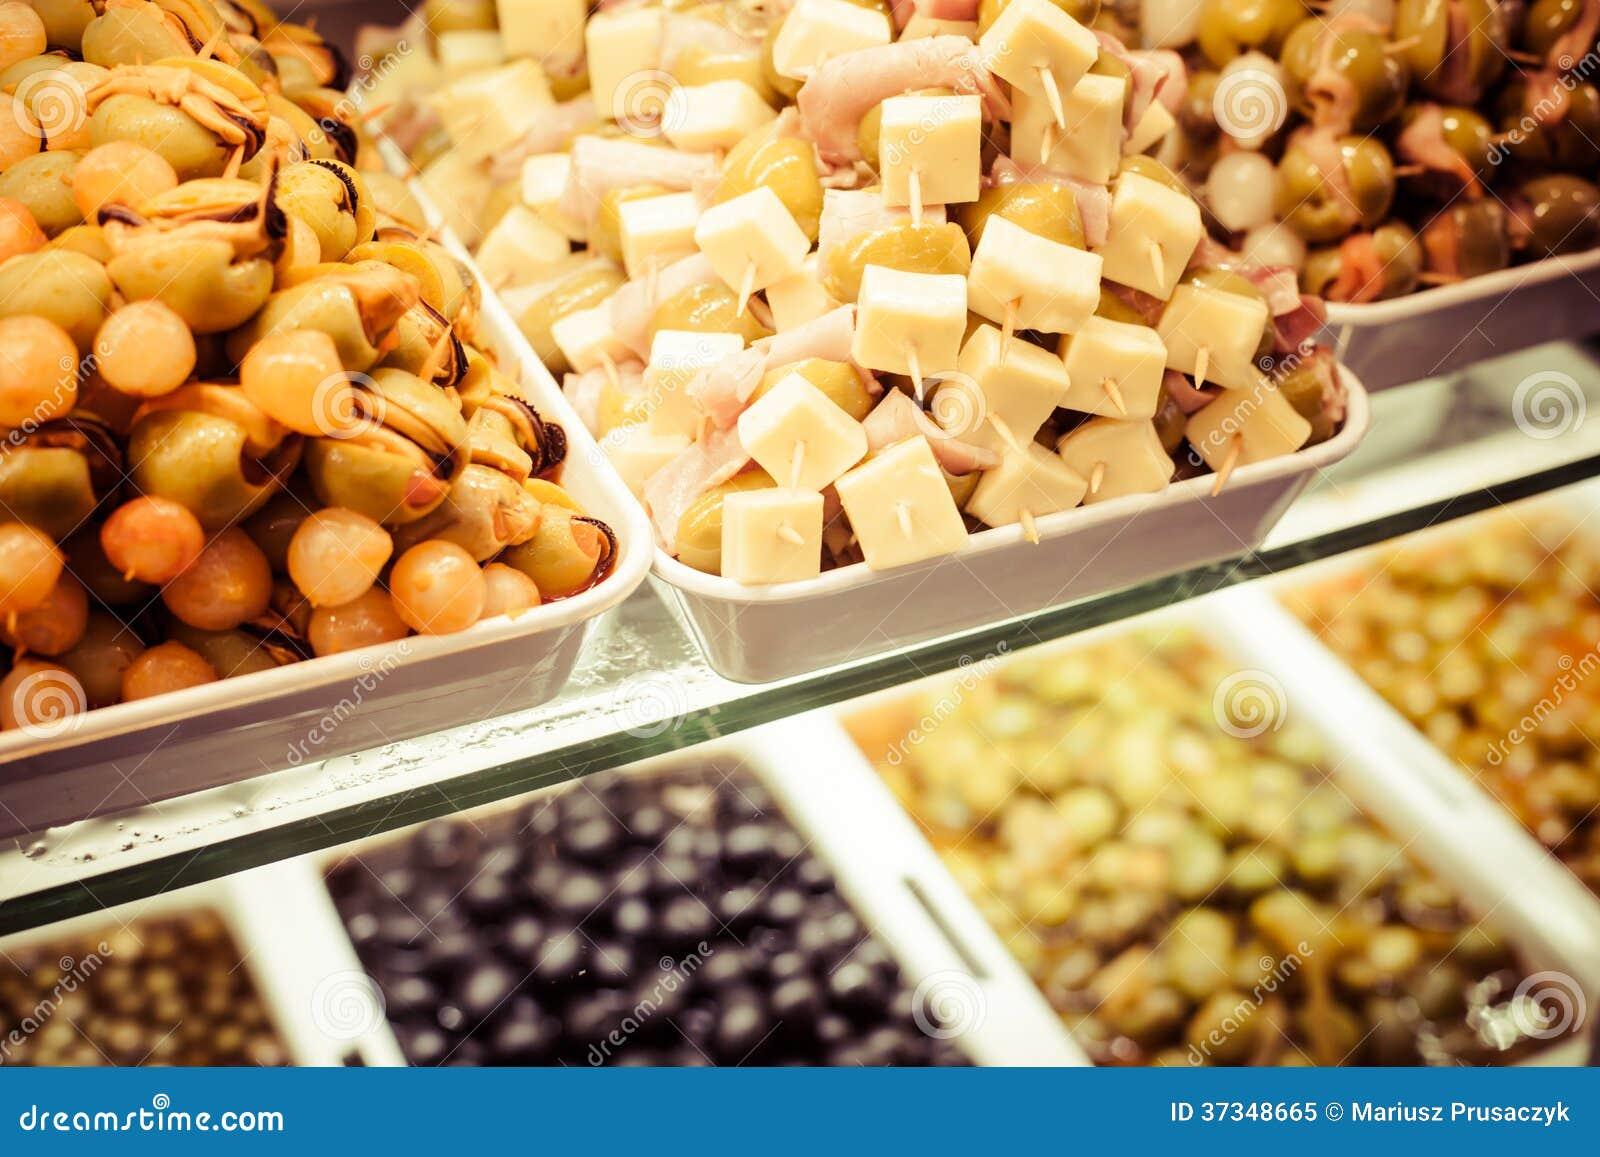 Типичный испанский продовольственный рынок.